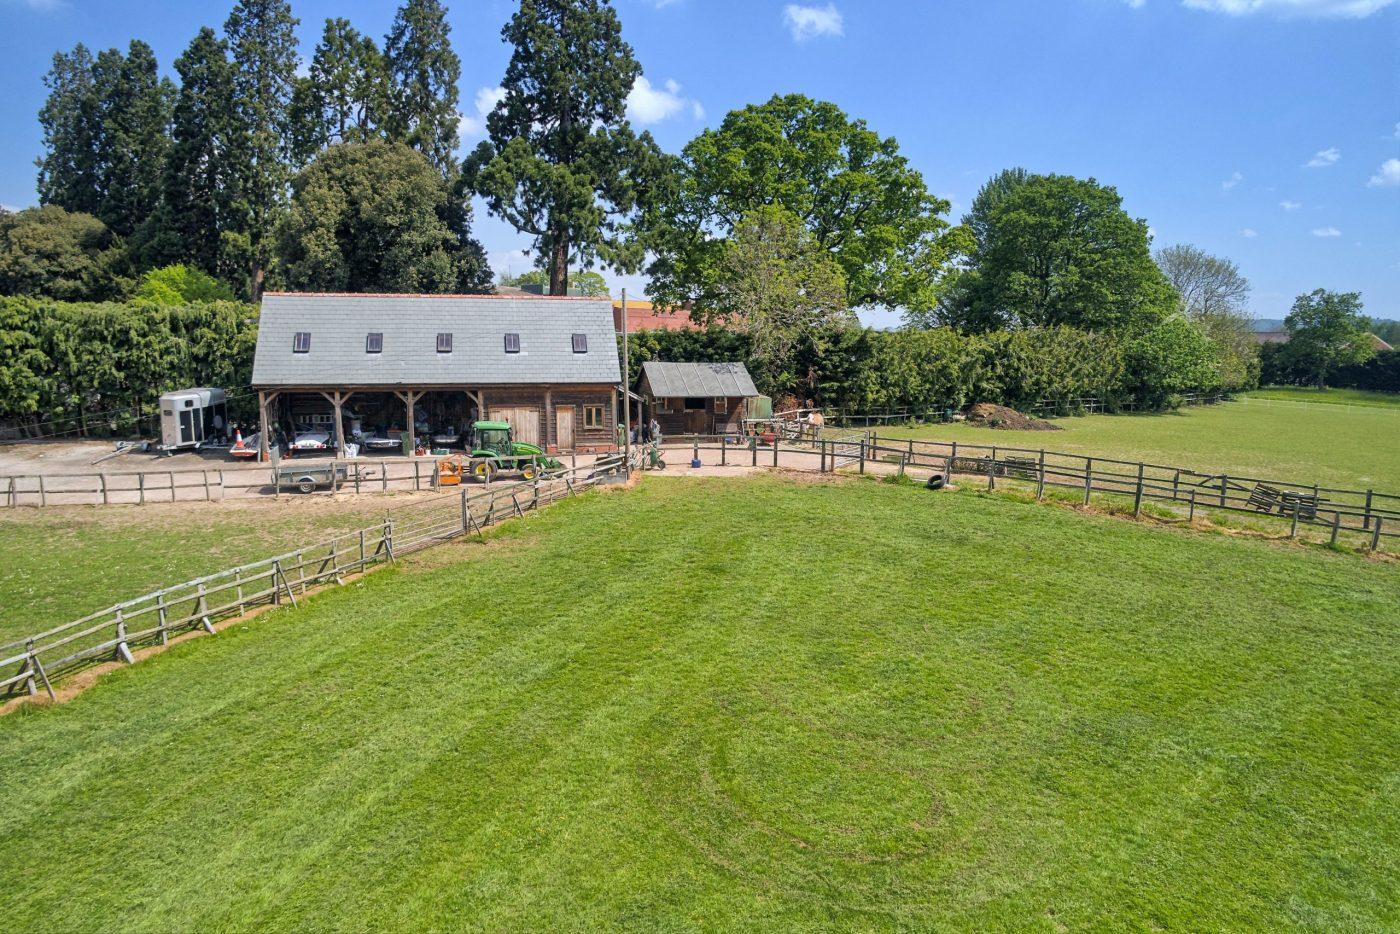 Você gostaria de se mudar para esta propriedade de cinco quartos com estábulos, nove hectares, piscina coberta e anexo? 3